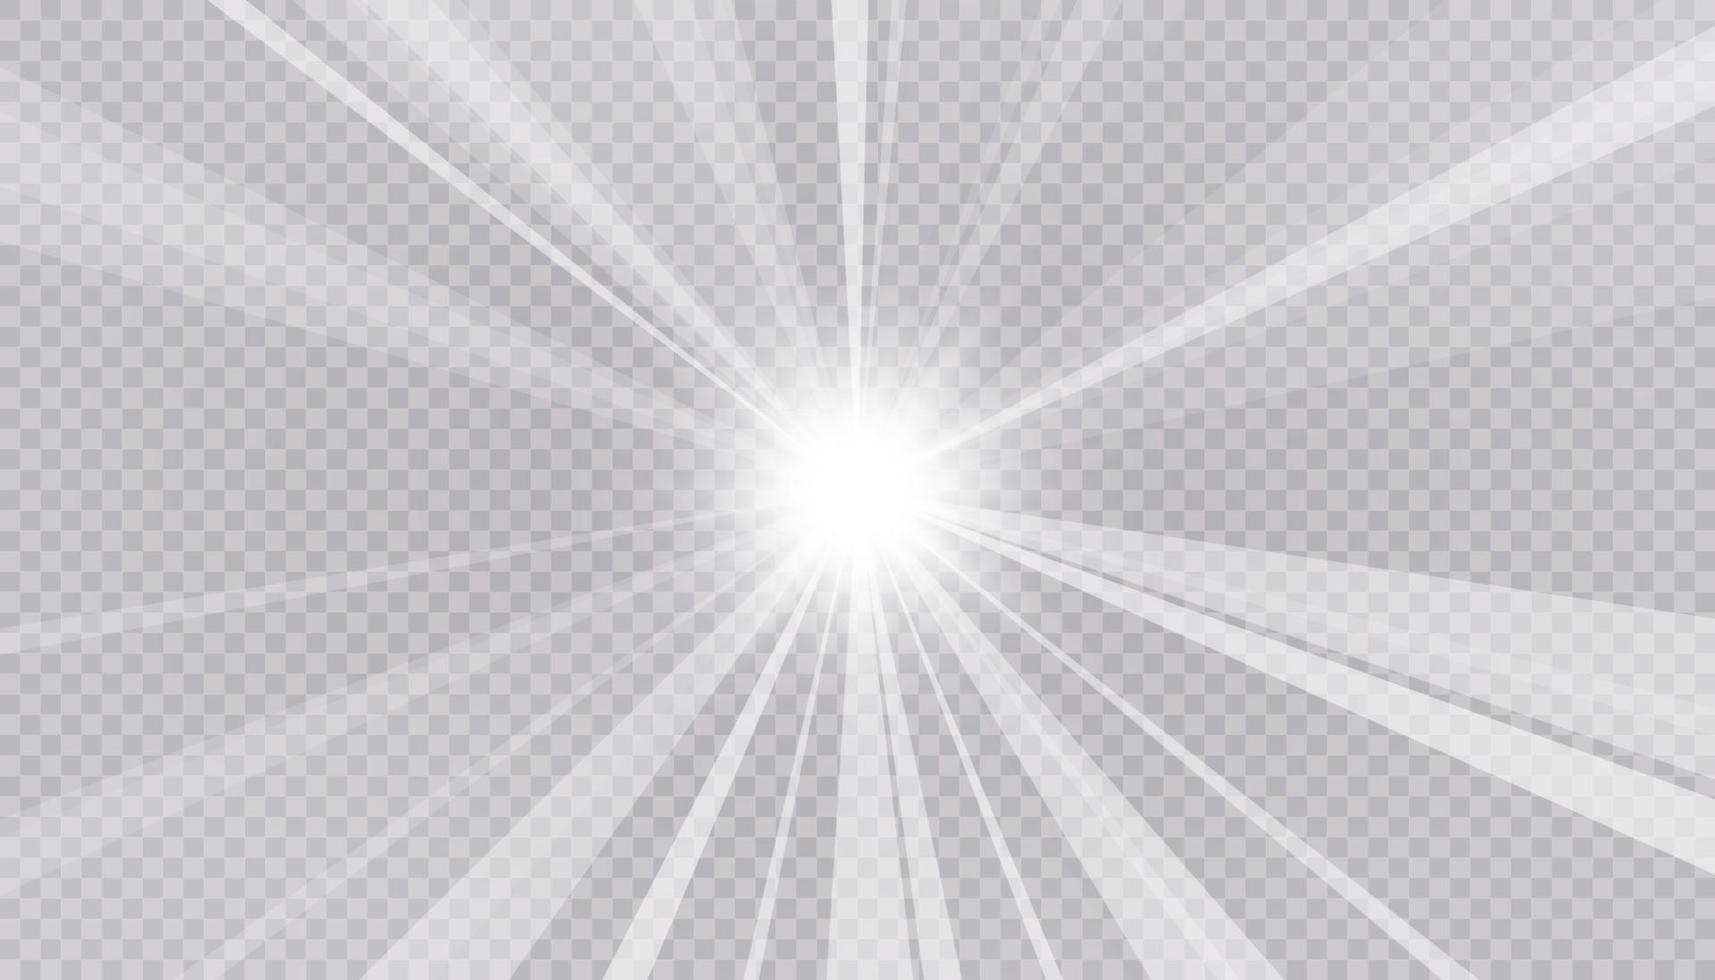 fond abstrait et clair de rayon lumineux. vecteur et illustration.